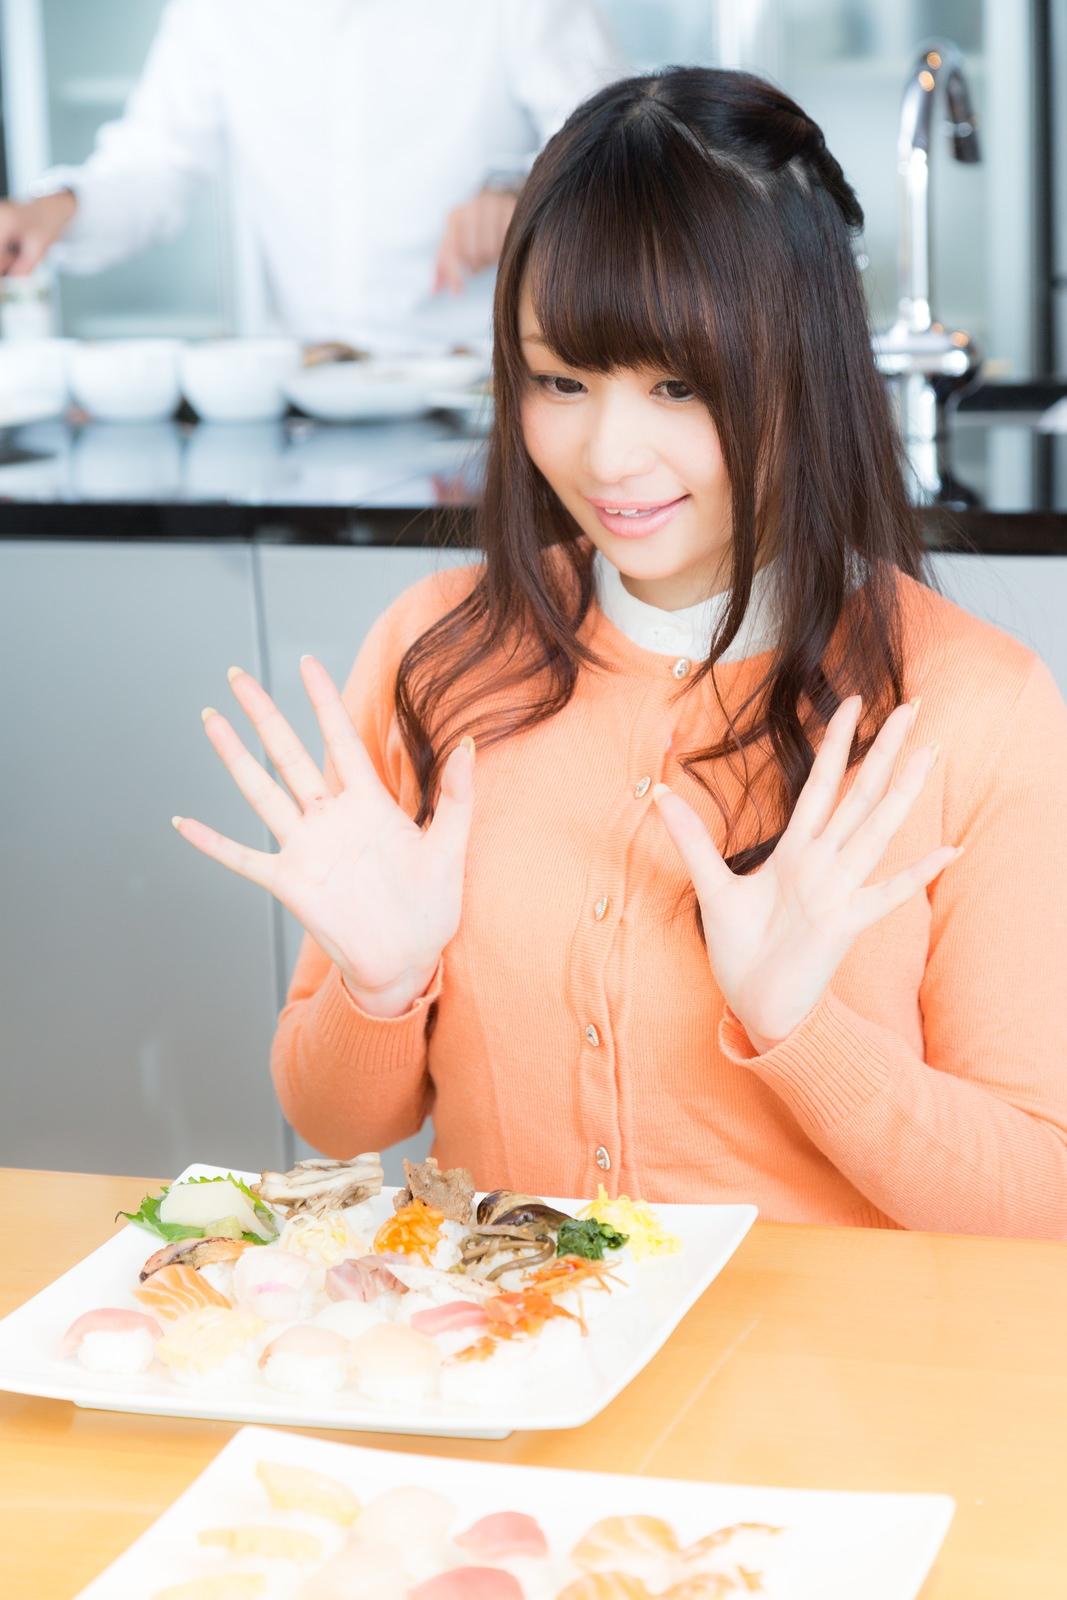 本日の料理に驚くグルメリポーター本日の料理に驚くグルメリポーター [モデル:茜さや]